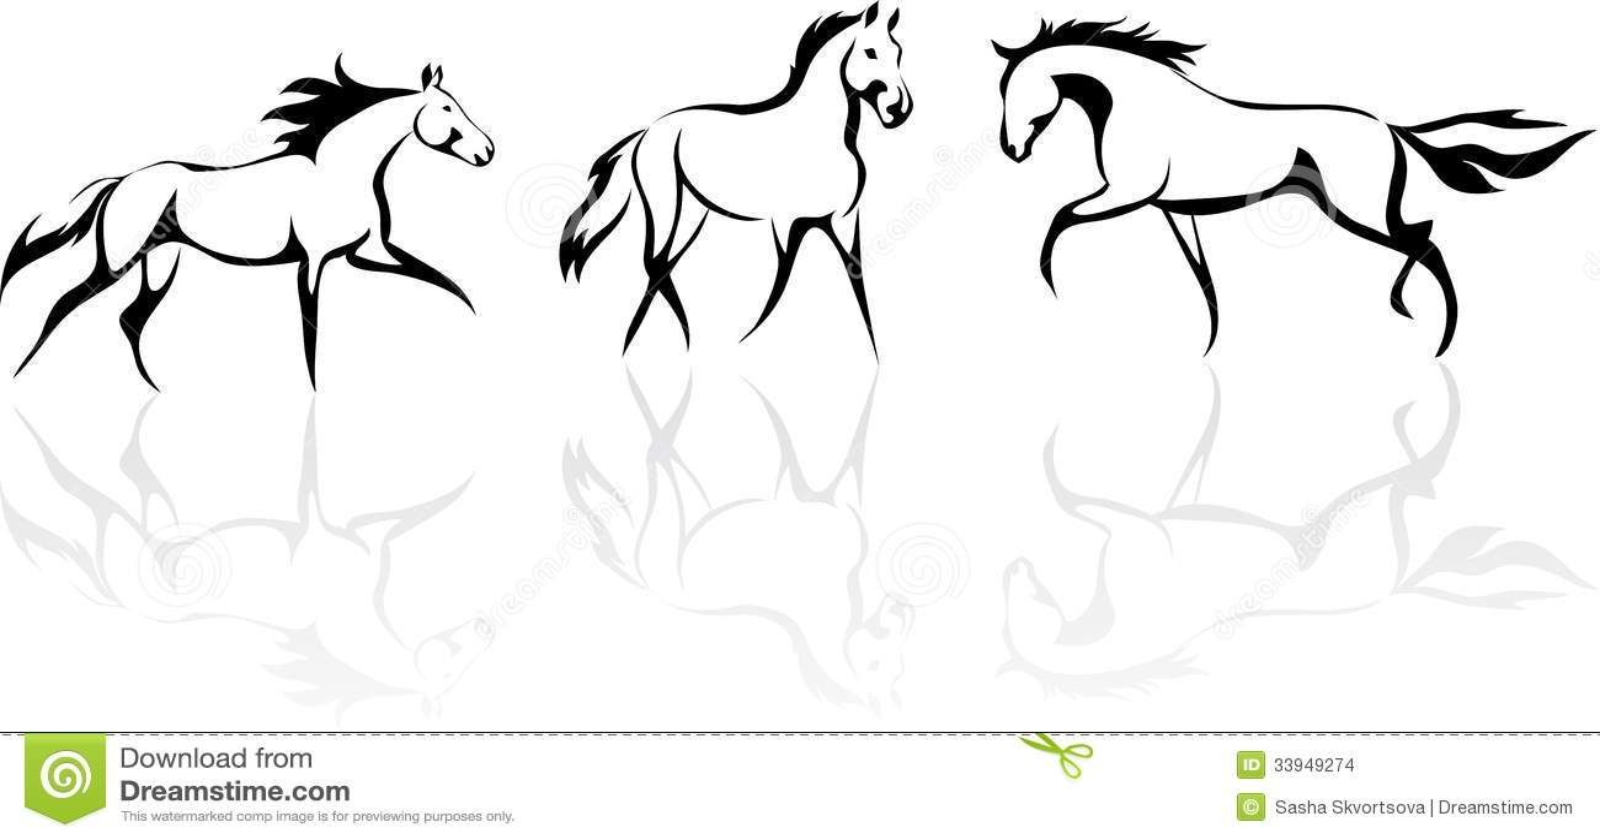 Cavallo stilizzato immagini stock immagine 33949274 for Disegno cavallo stilizzato